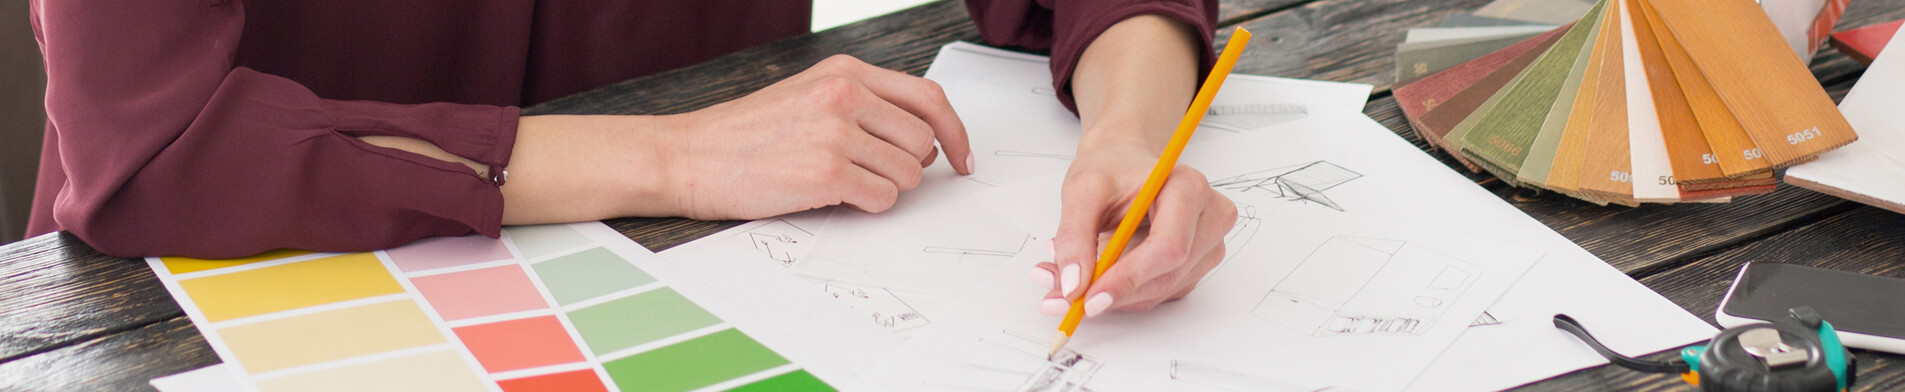 on-site interior designer